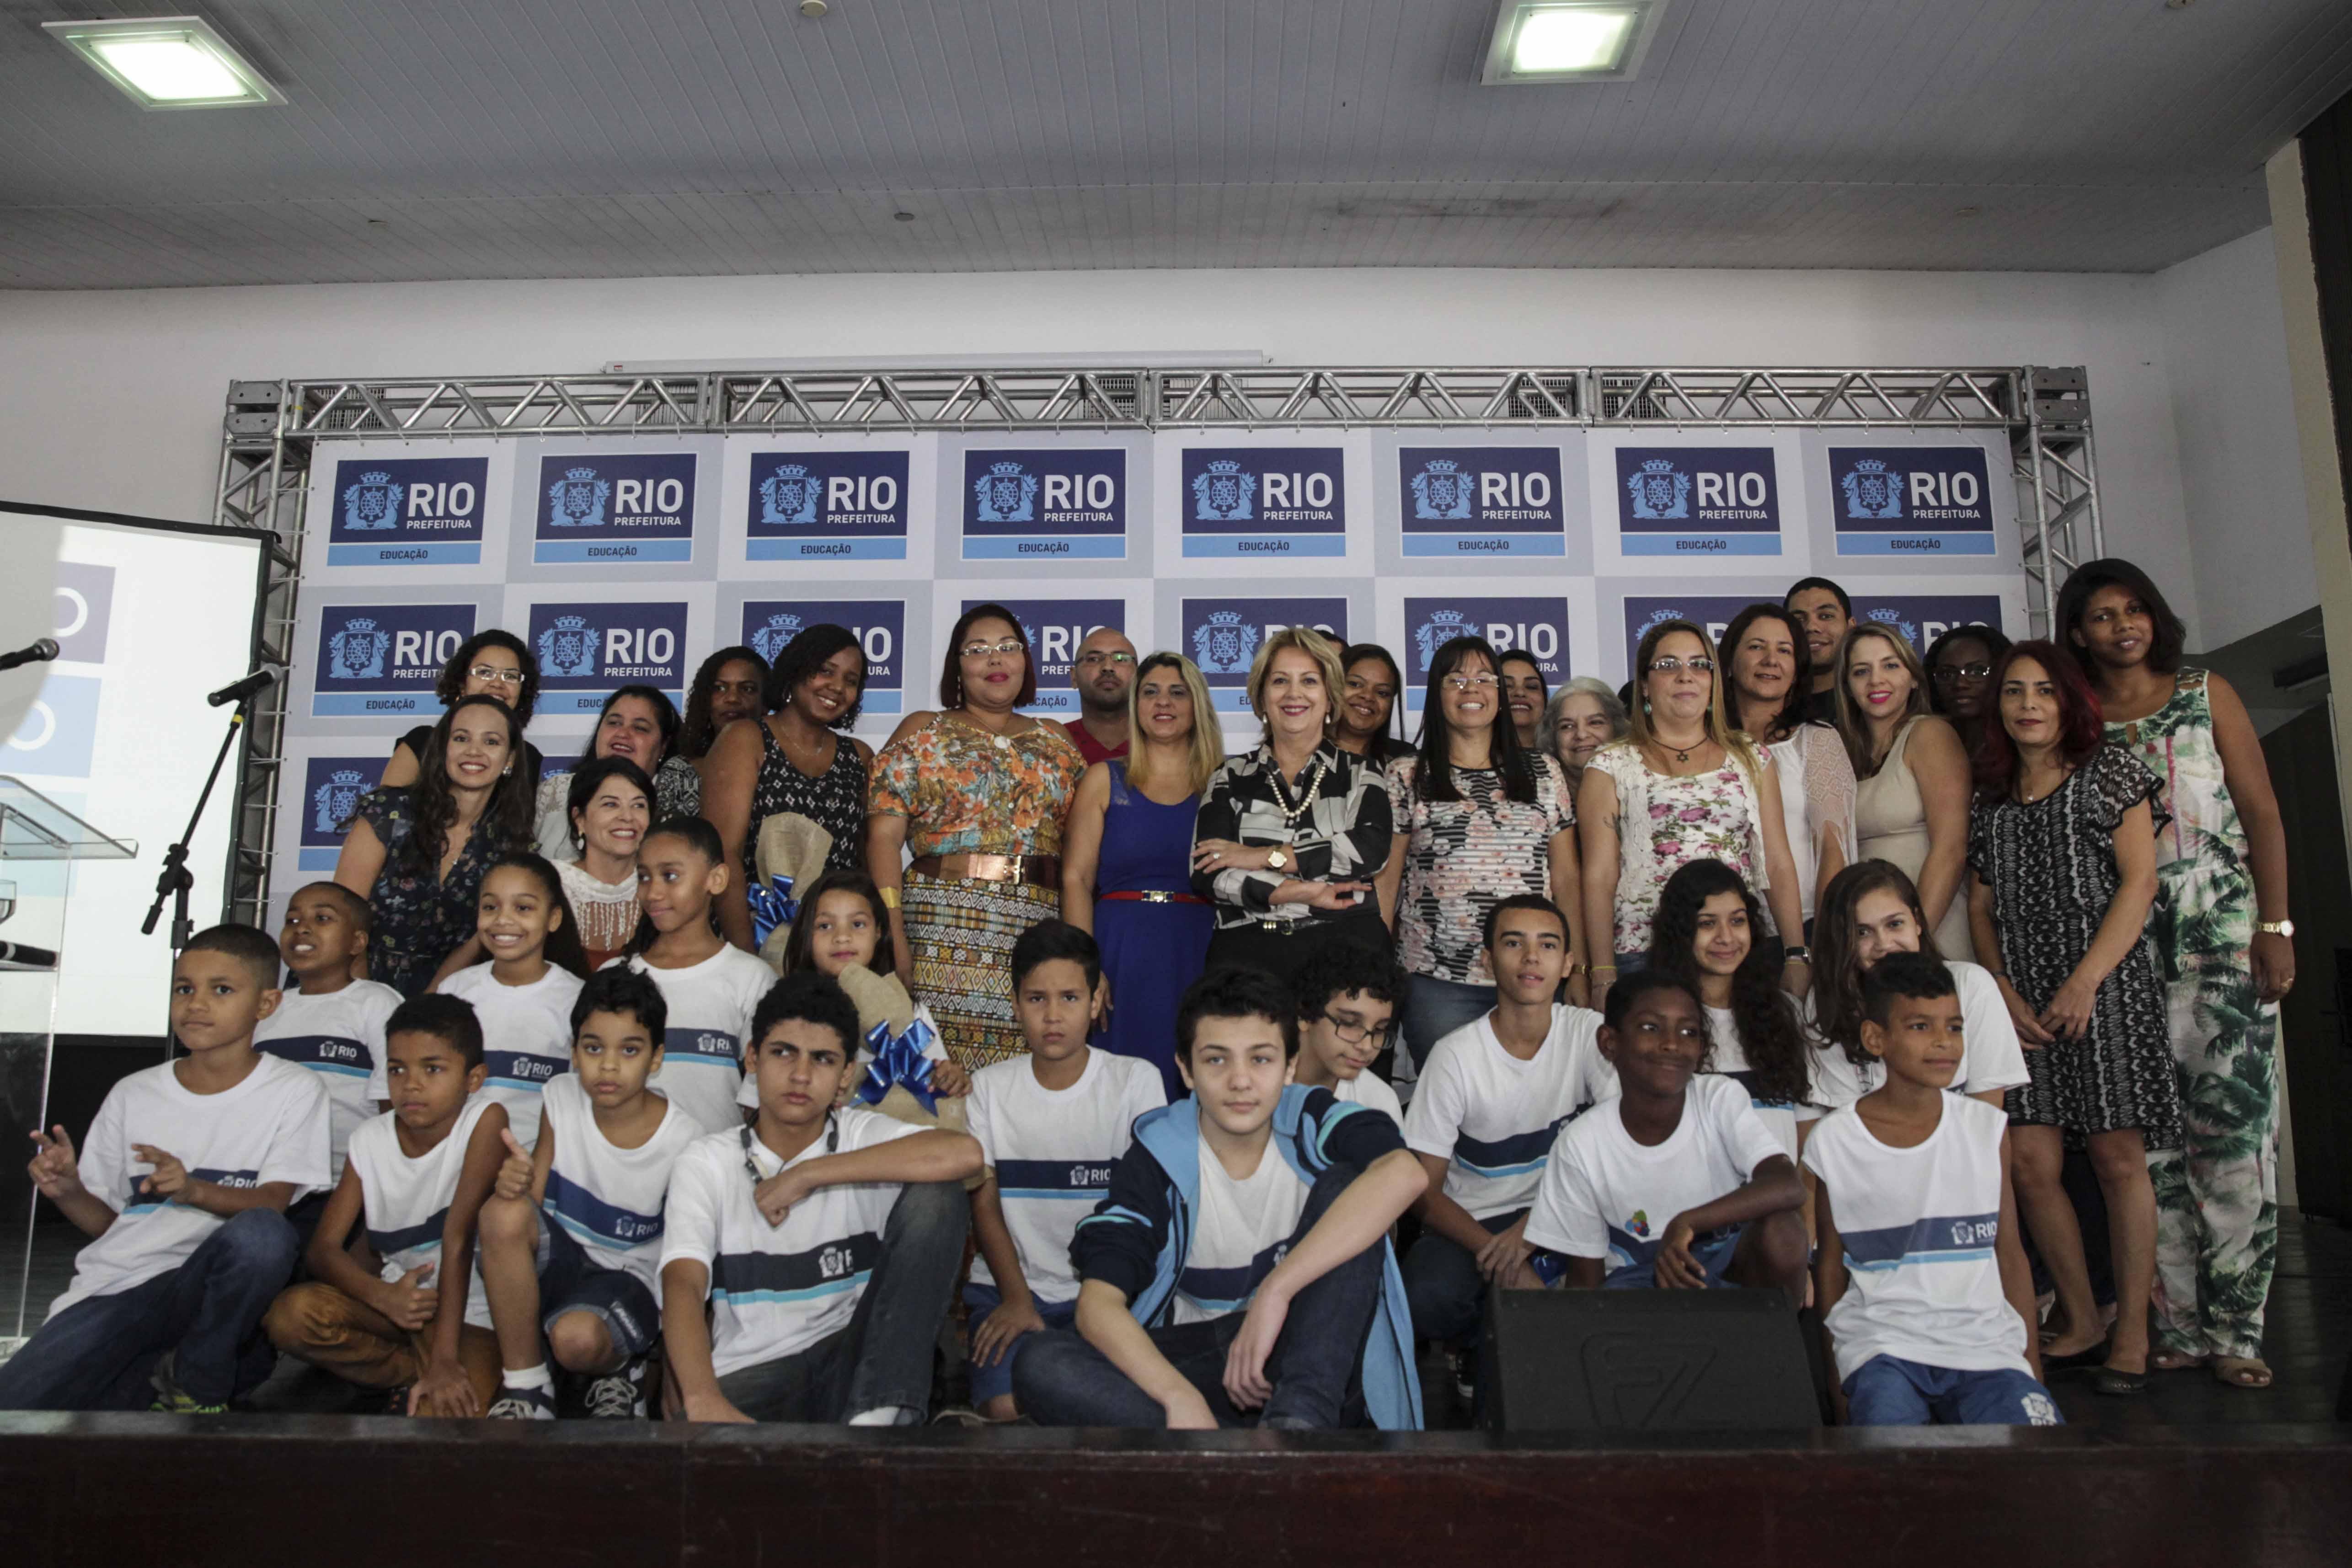 Secretária de Educação, Helena Bomeny, entrega prêmio aos melhores alunos da Prova Rio 2014